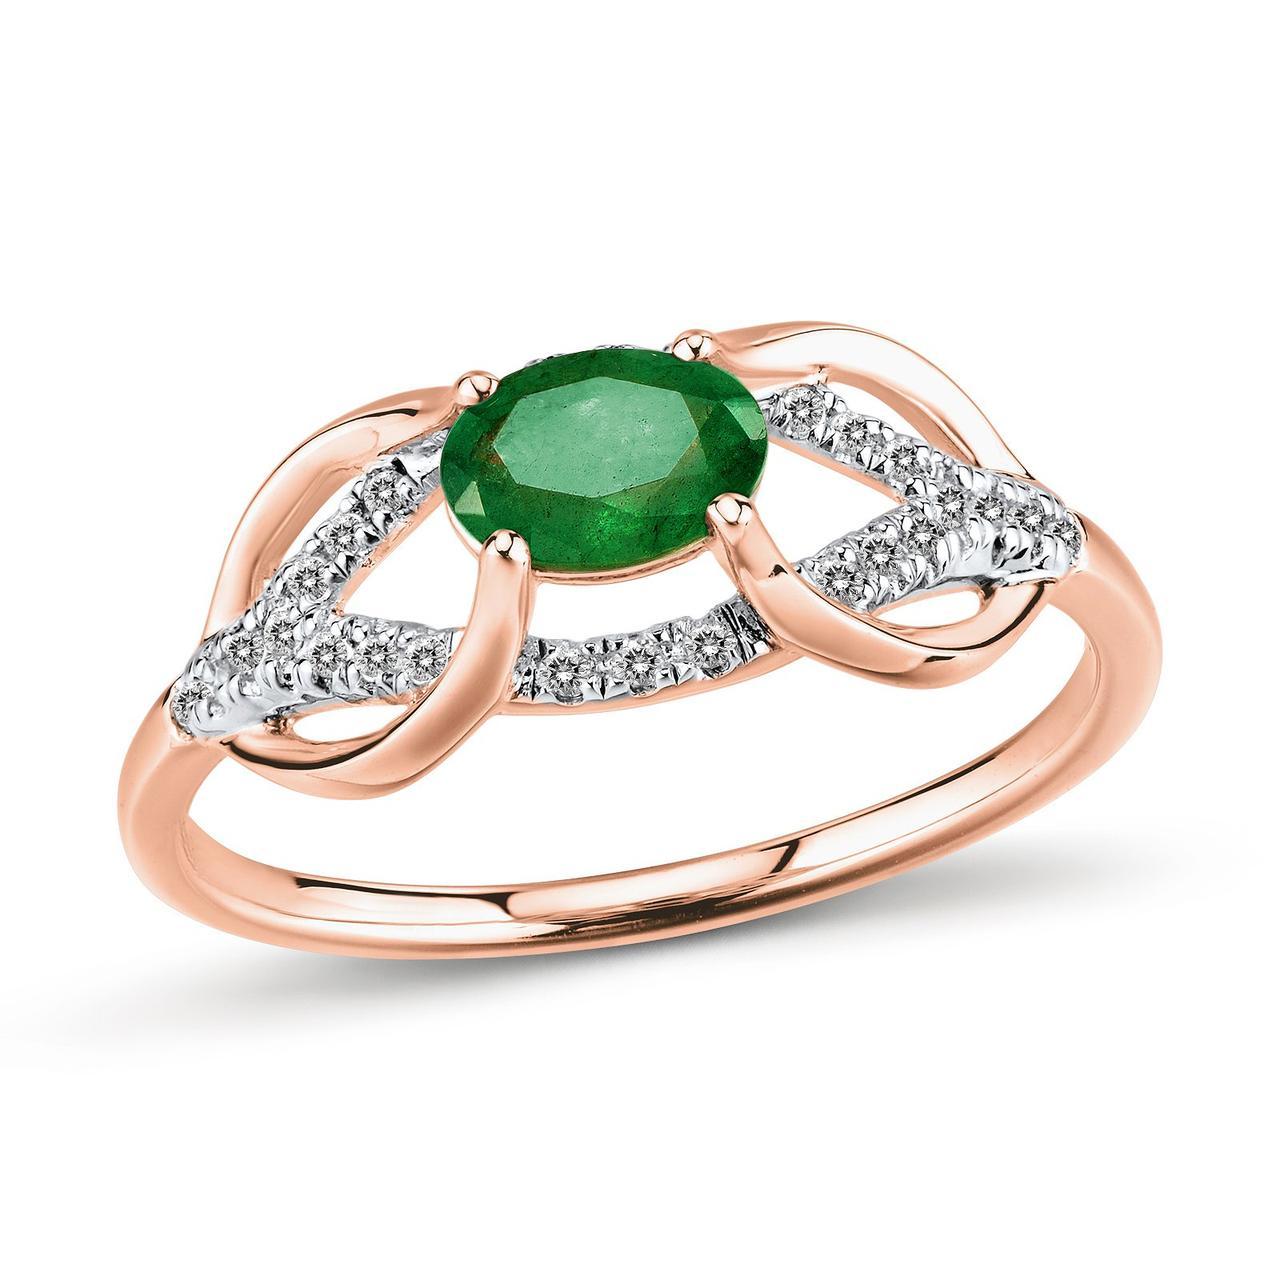 Золотое кольцо с бриллиантами и изумрудом, размер 16 (447645)